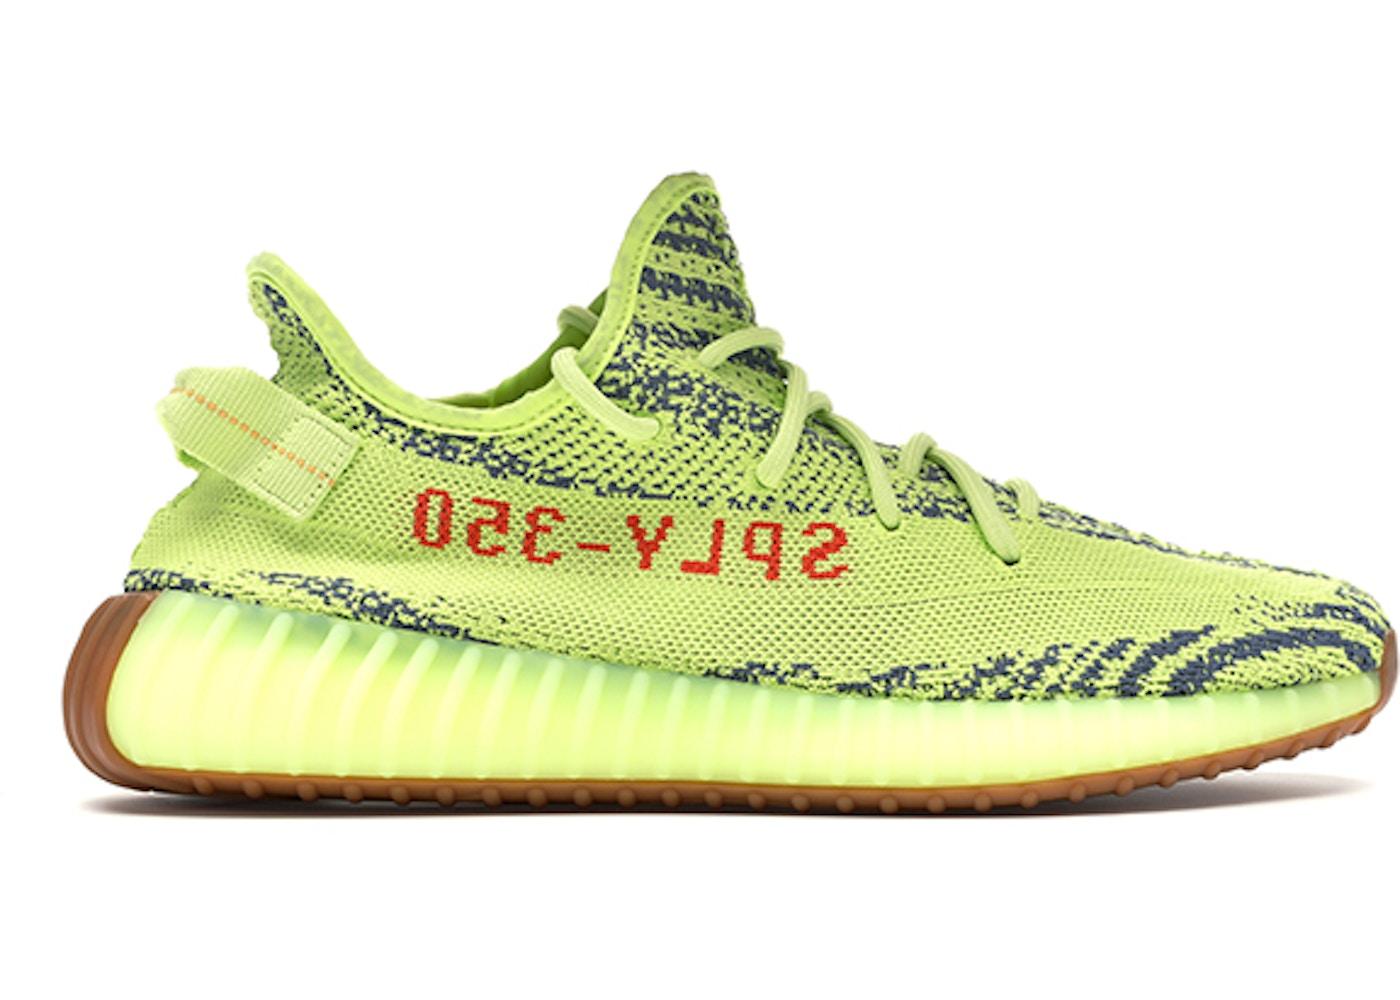 Kaufen Adidas Yeezy 350 V2 Schuhe Und Deadstock Sneaker